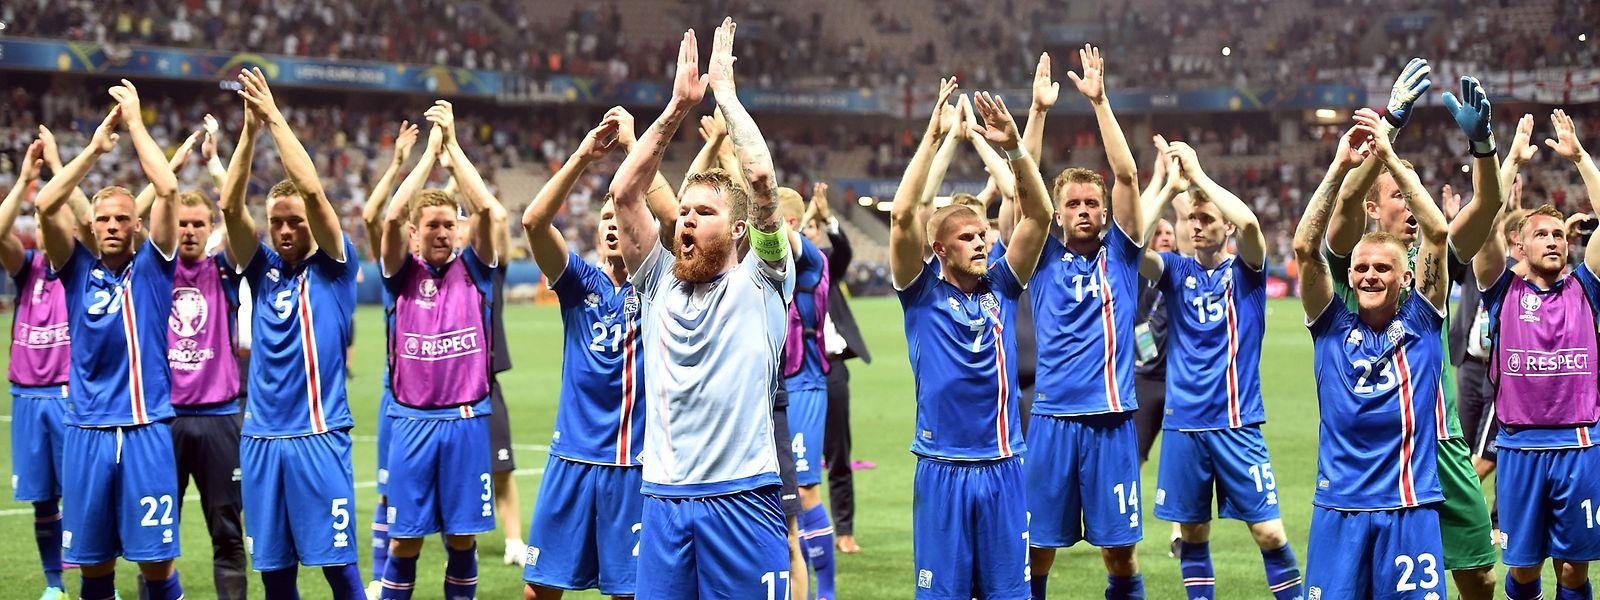 Islands Team bejubelte den sensationellen Sieg mit den Fans.